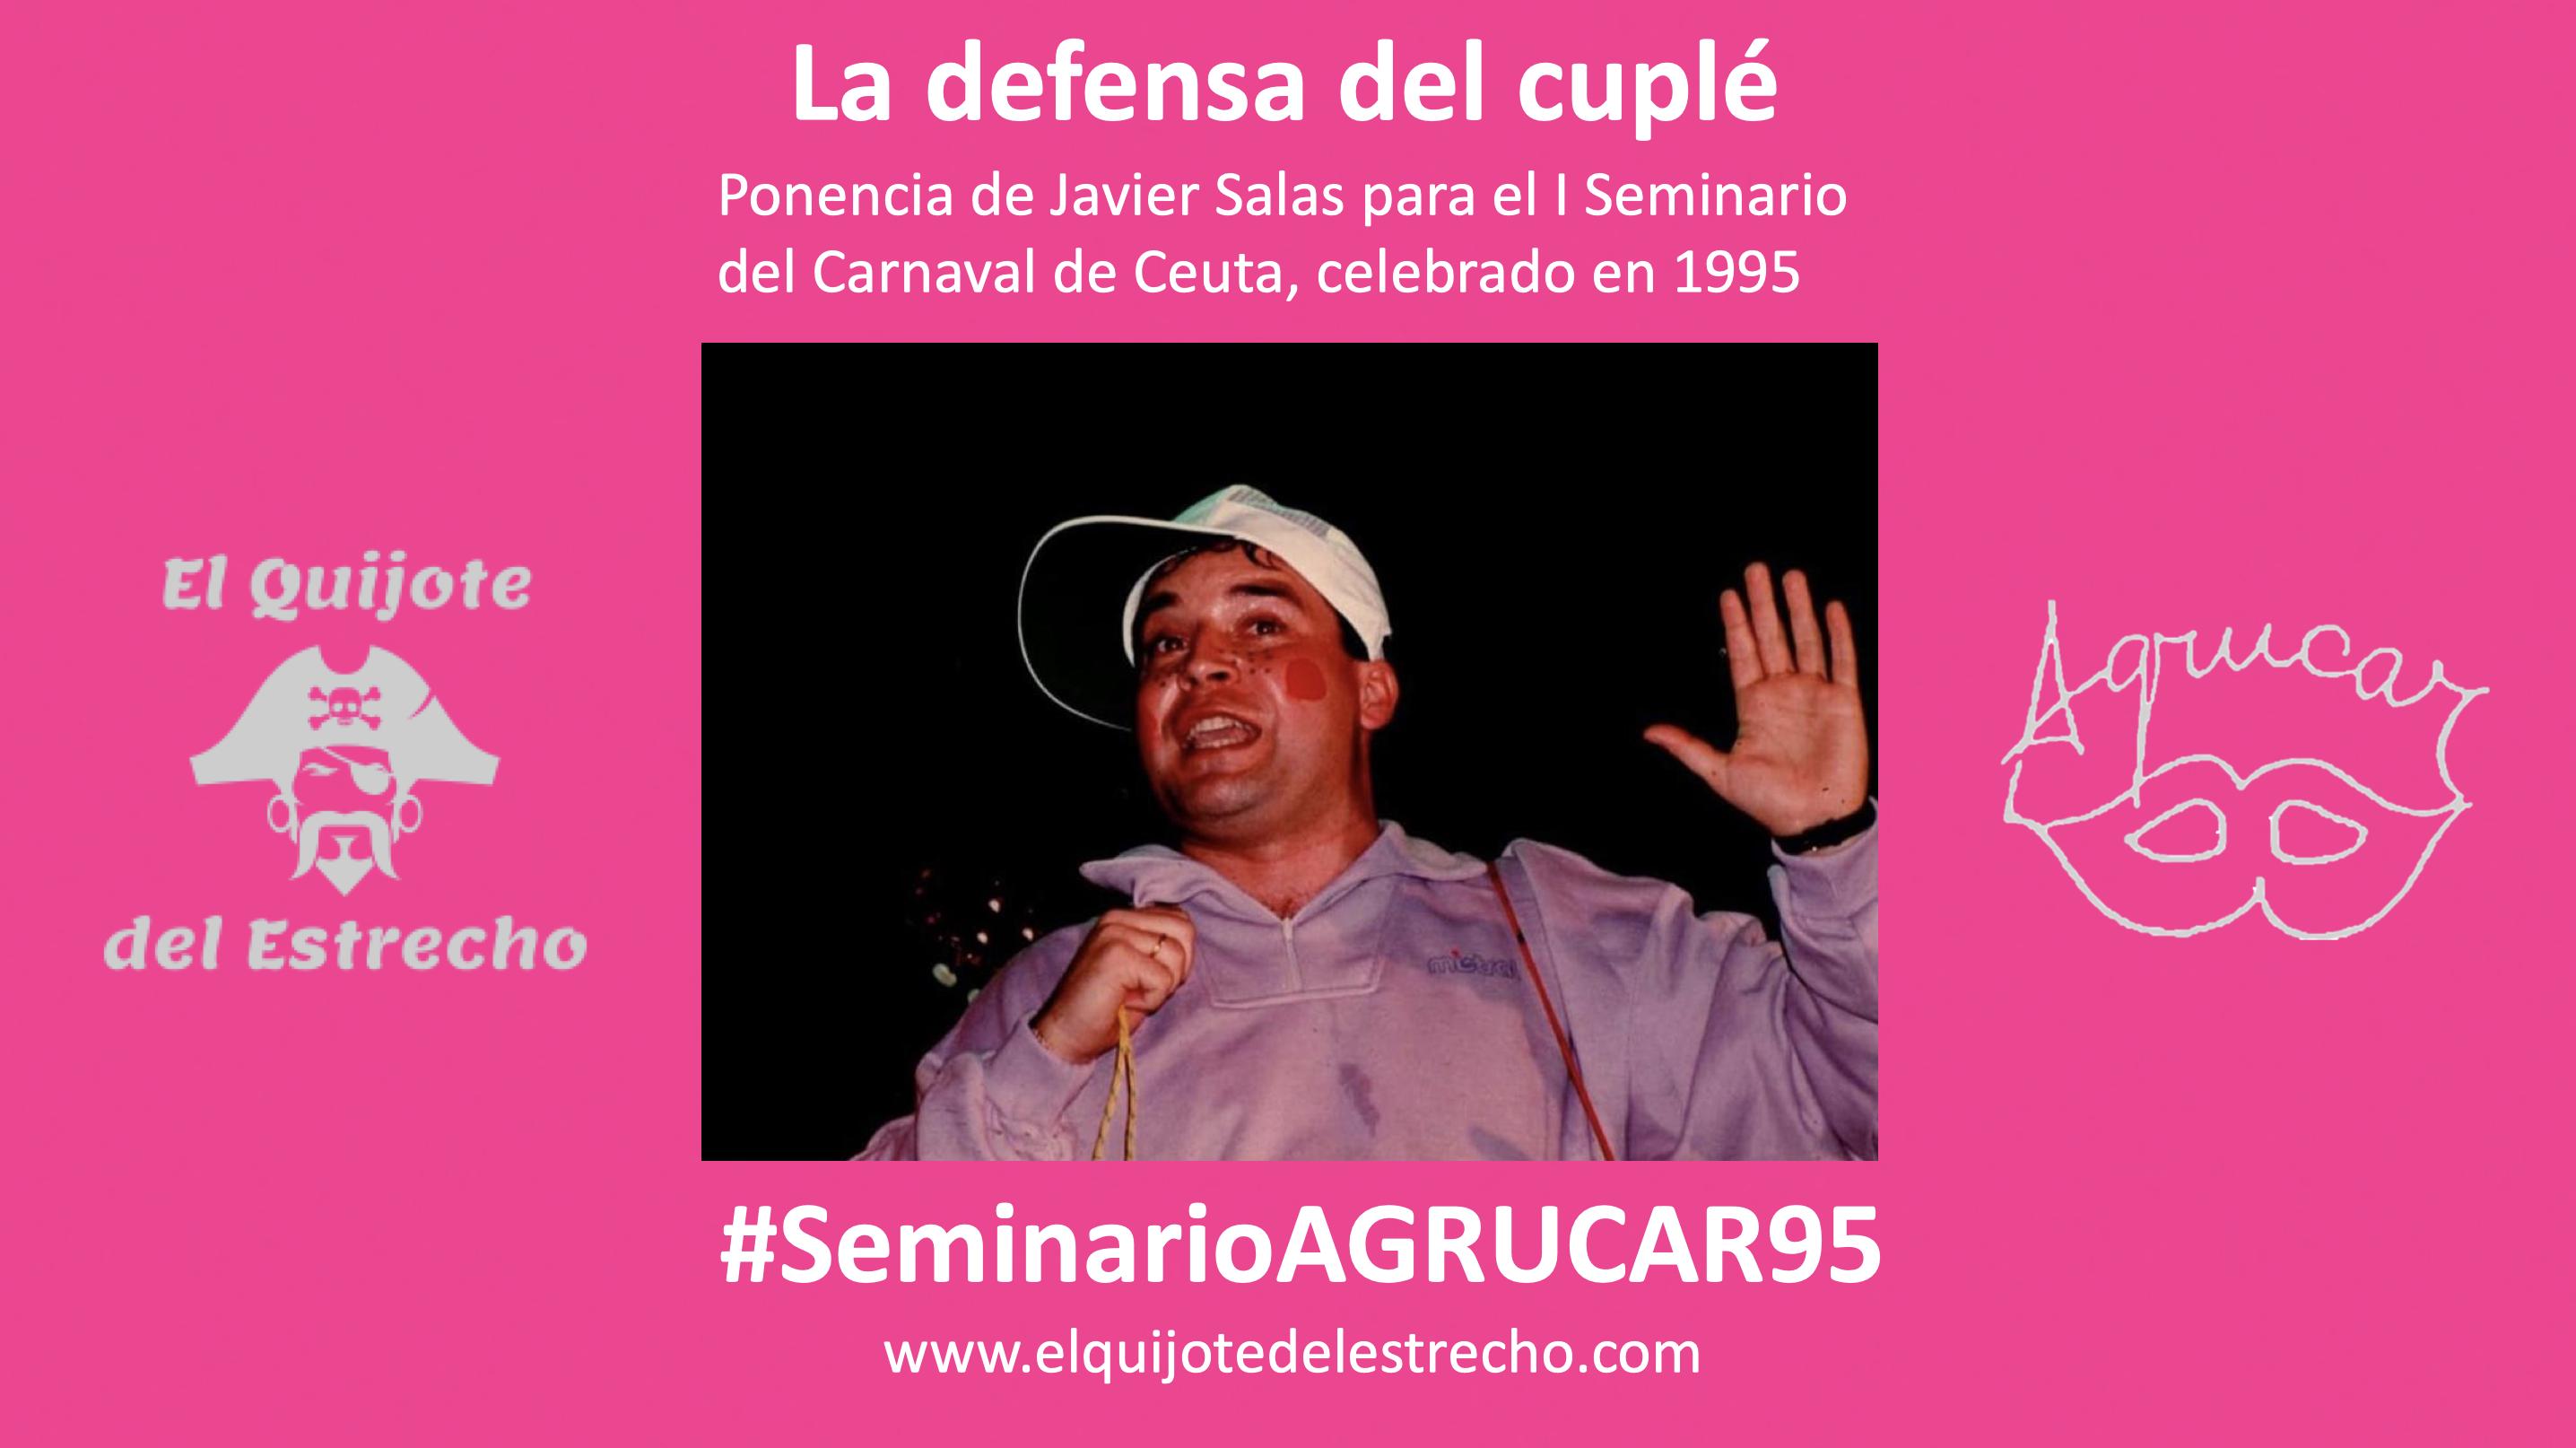 'La defensa del cuplé'   Ponencia de Javier Salas para el Seminario del 95